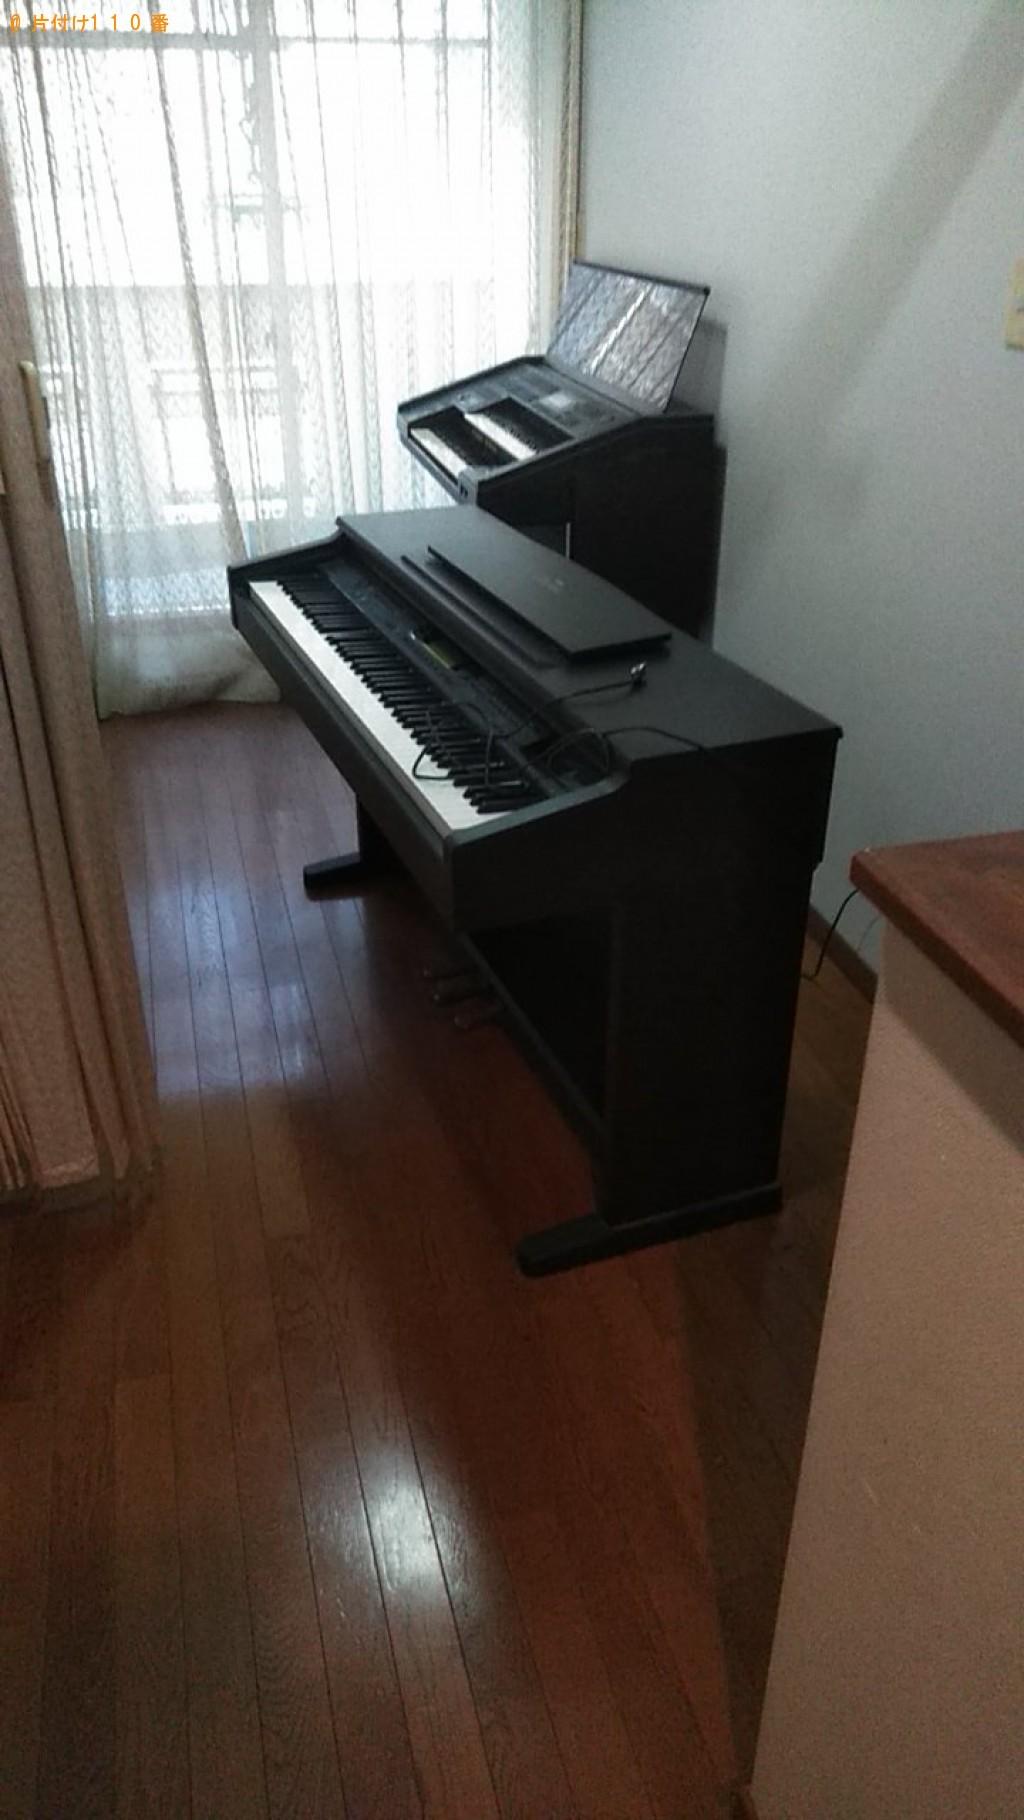 【松山市安城寺町】電子ピアノの回収・処分 お客様の声